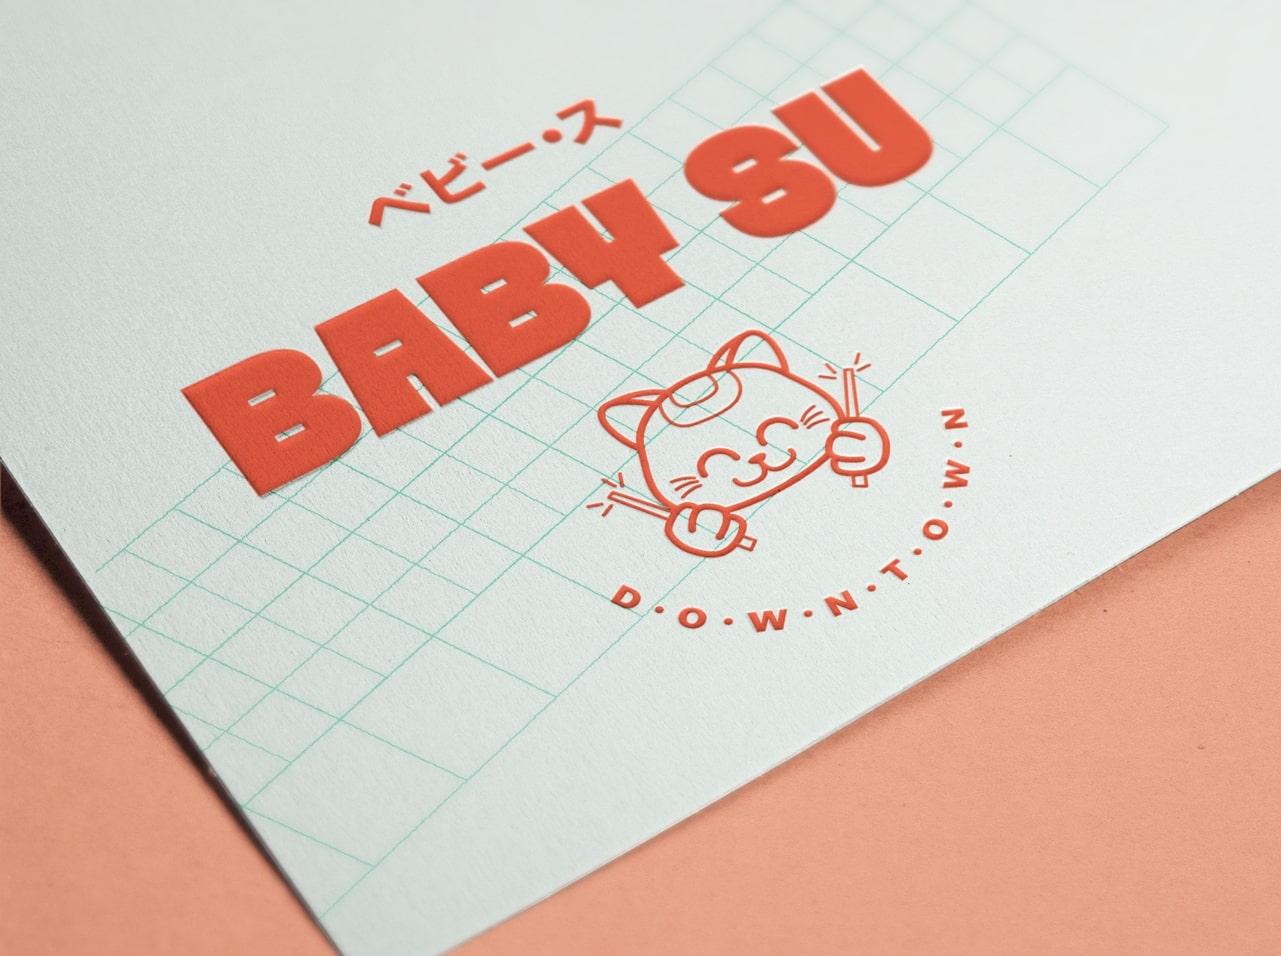 BABYSU_01-min.jpg